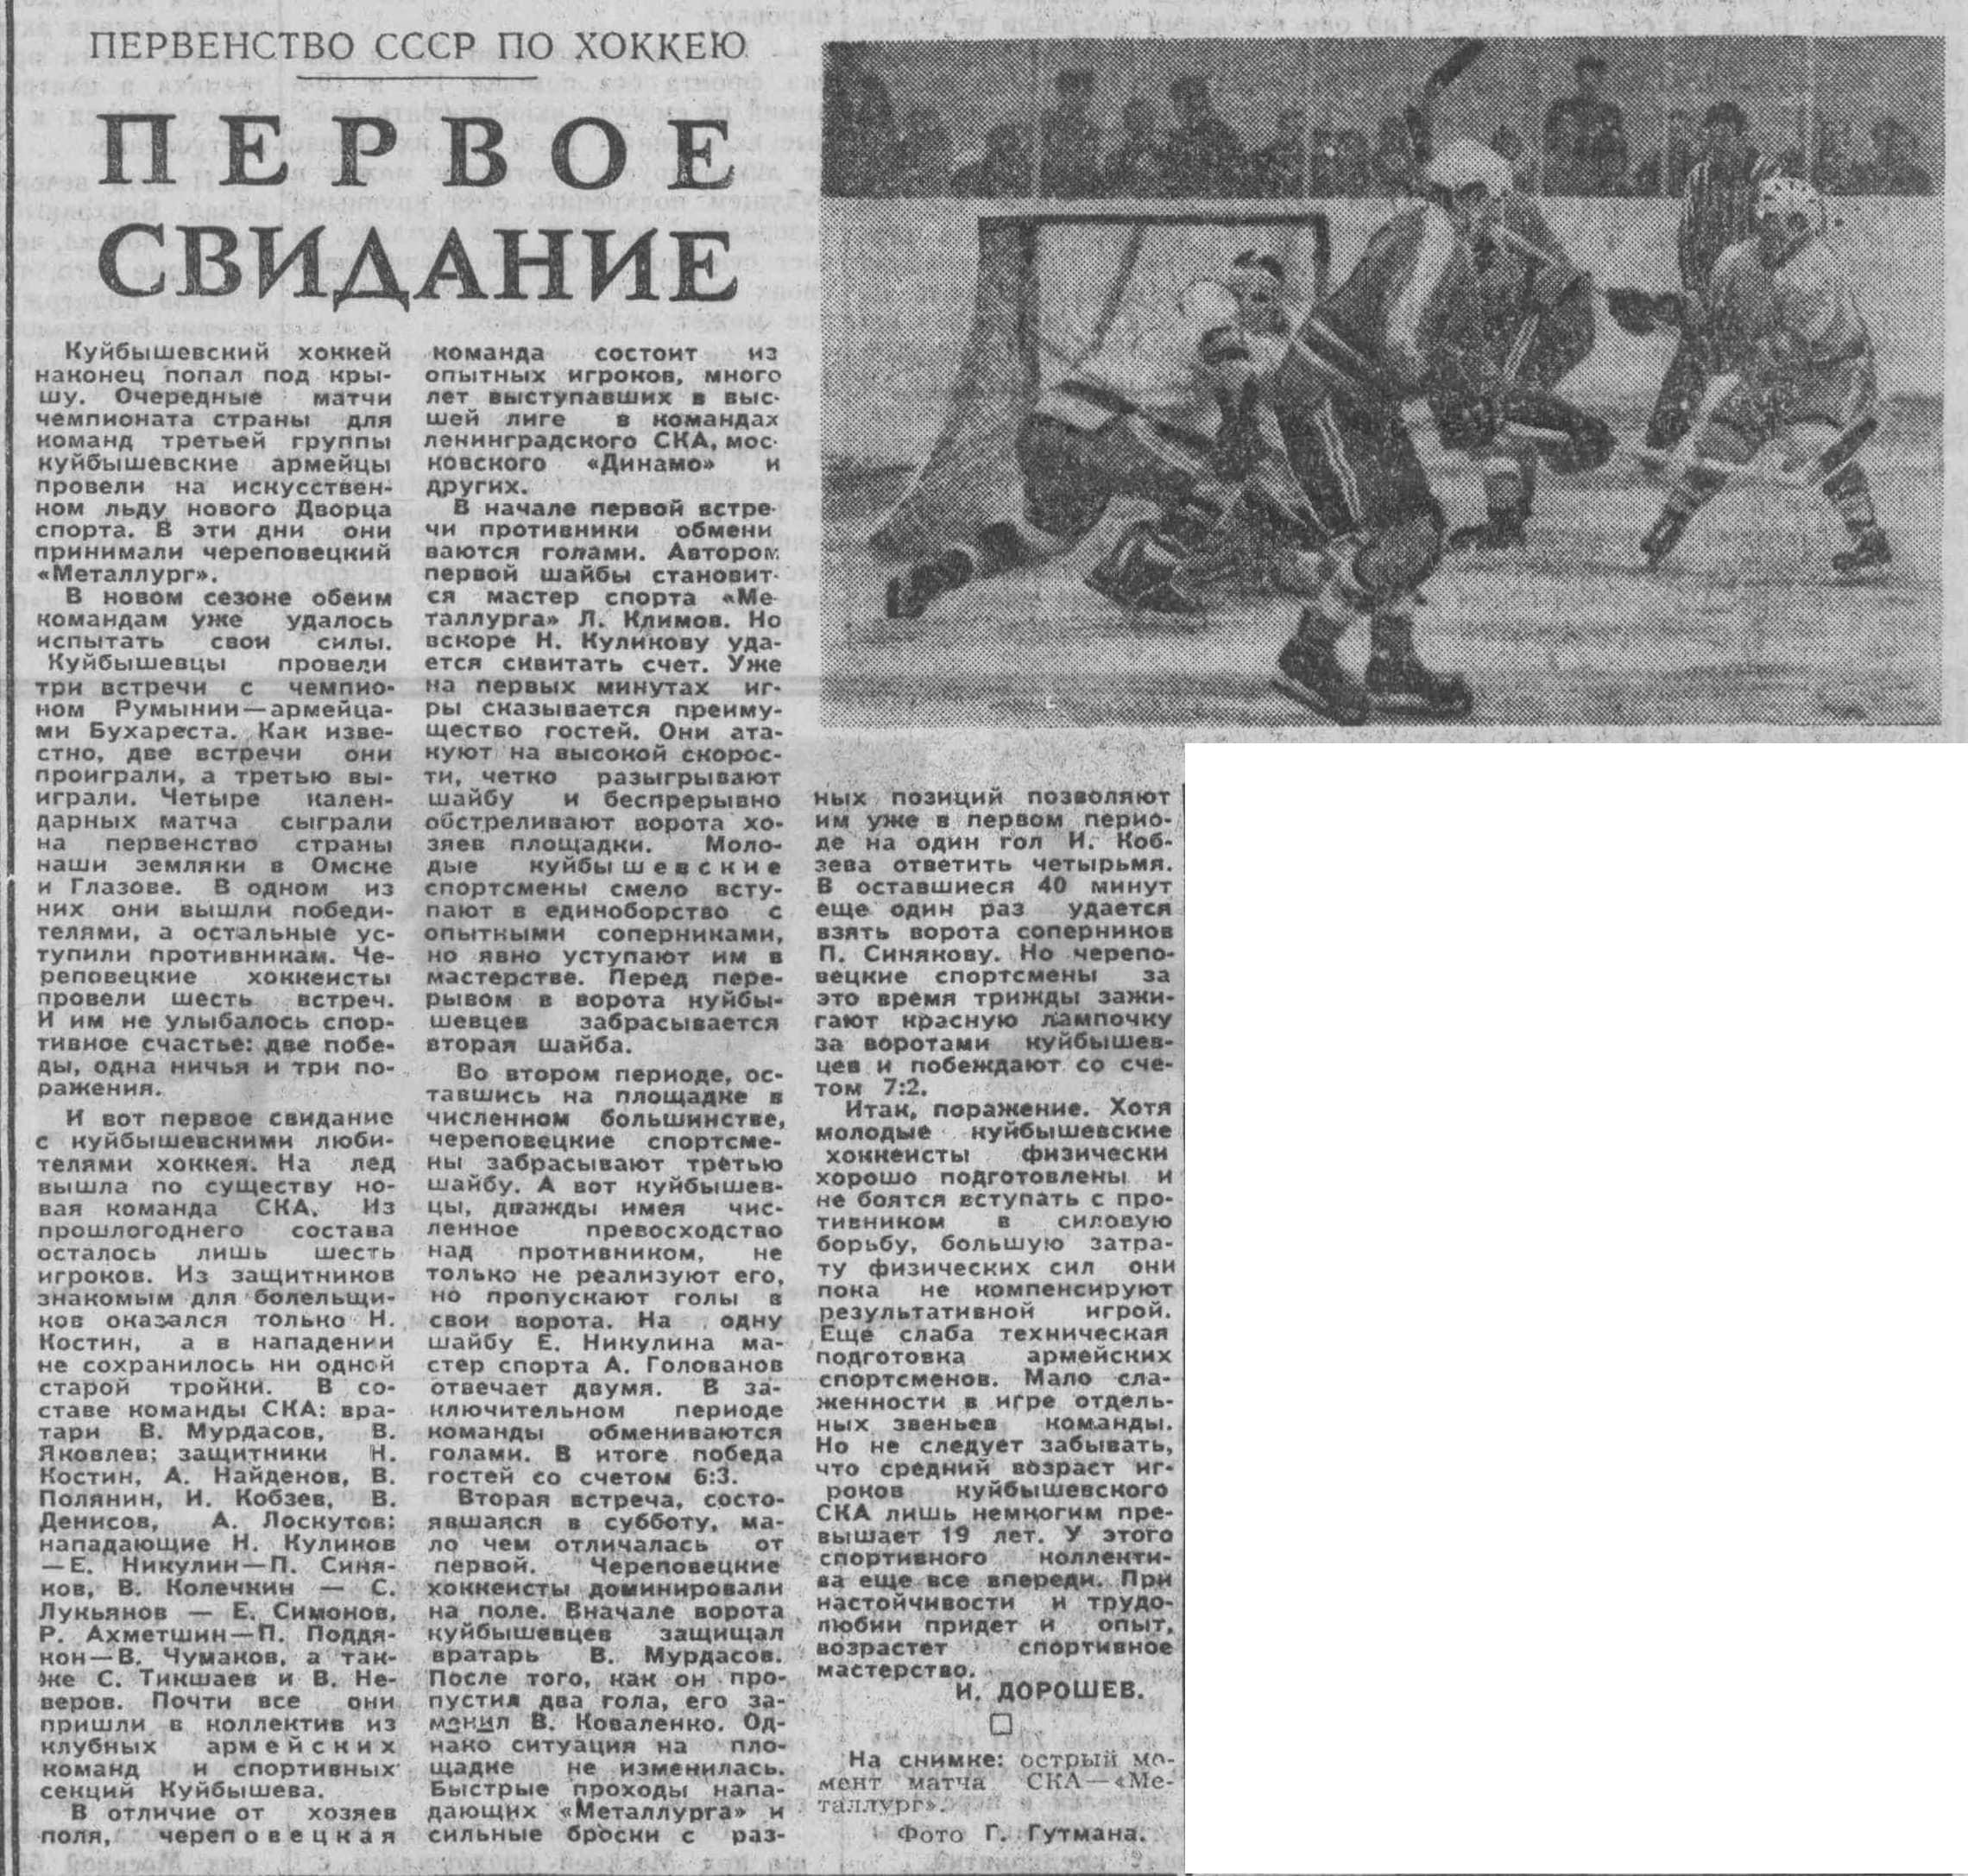 Молодогвардейская-ФОТО-16-ВКа-1966-12-05-дебют хоккея во ДвСп